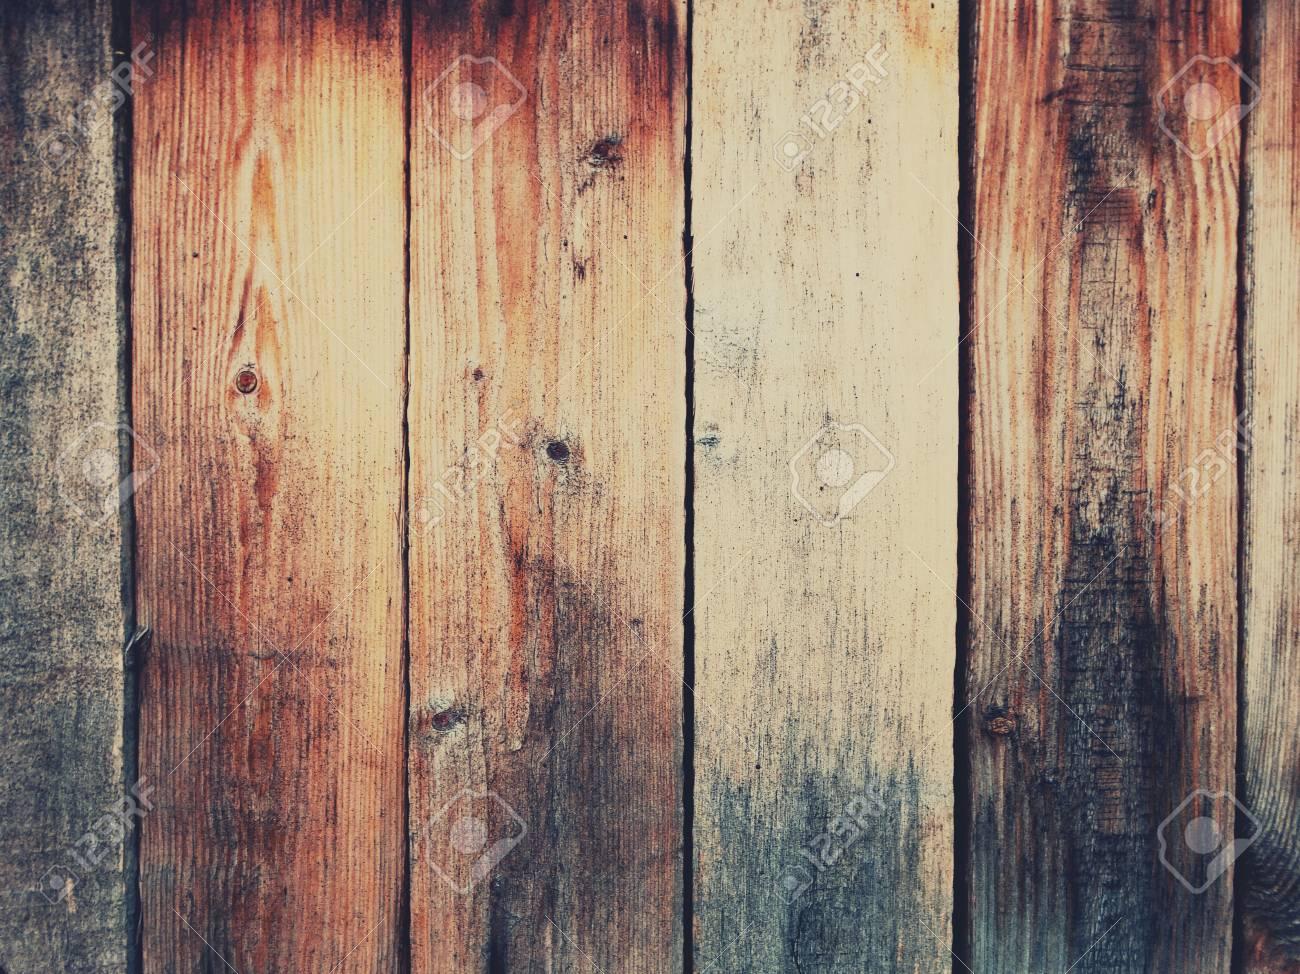 ウッド テクスチャ背景自然背景壁紙ヴィンテージ レトロな古いスタイル